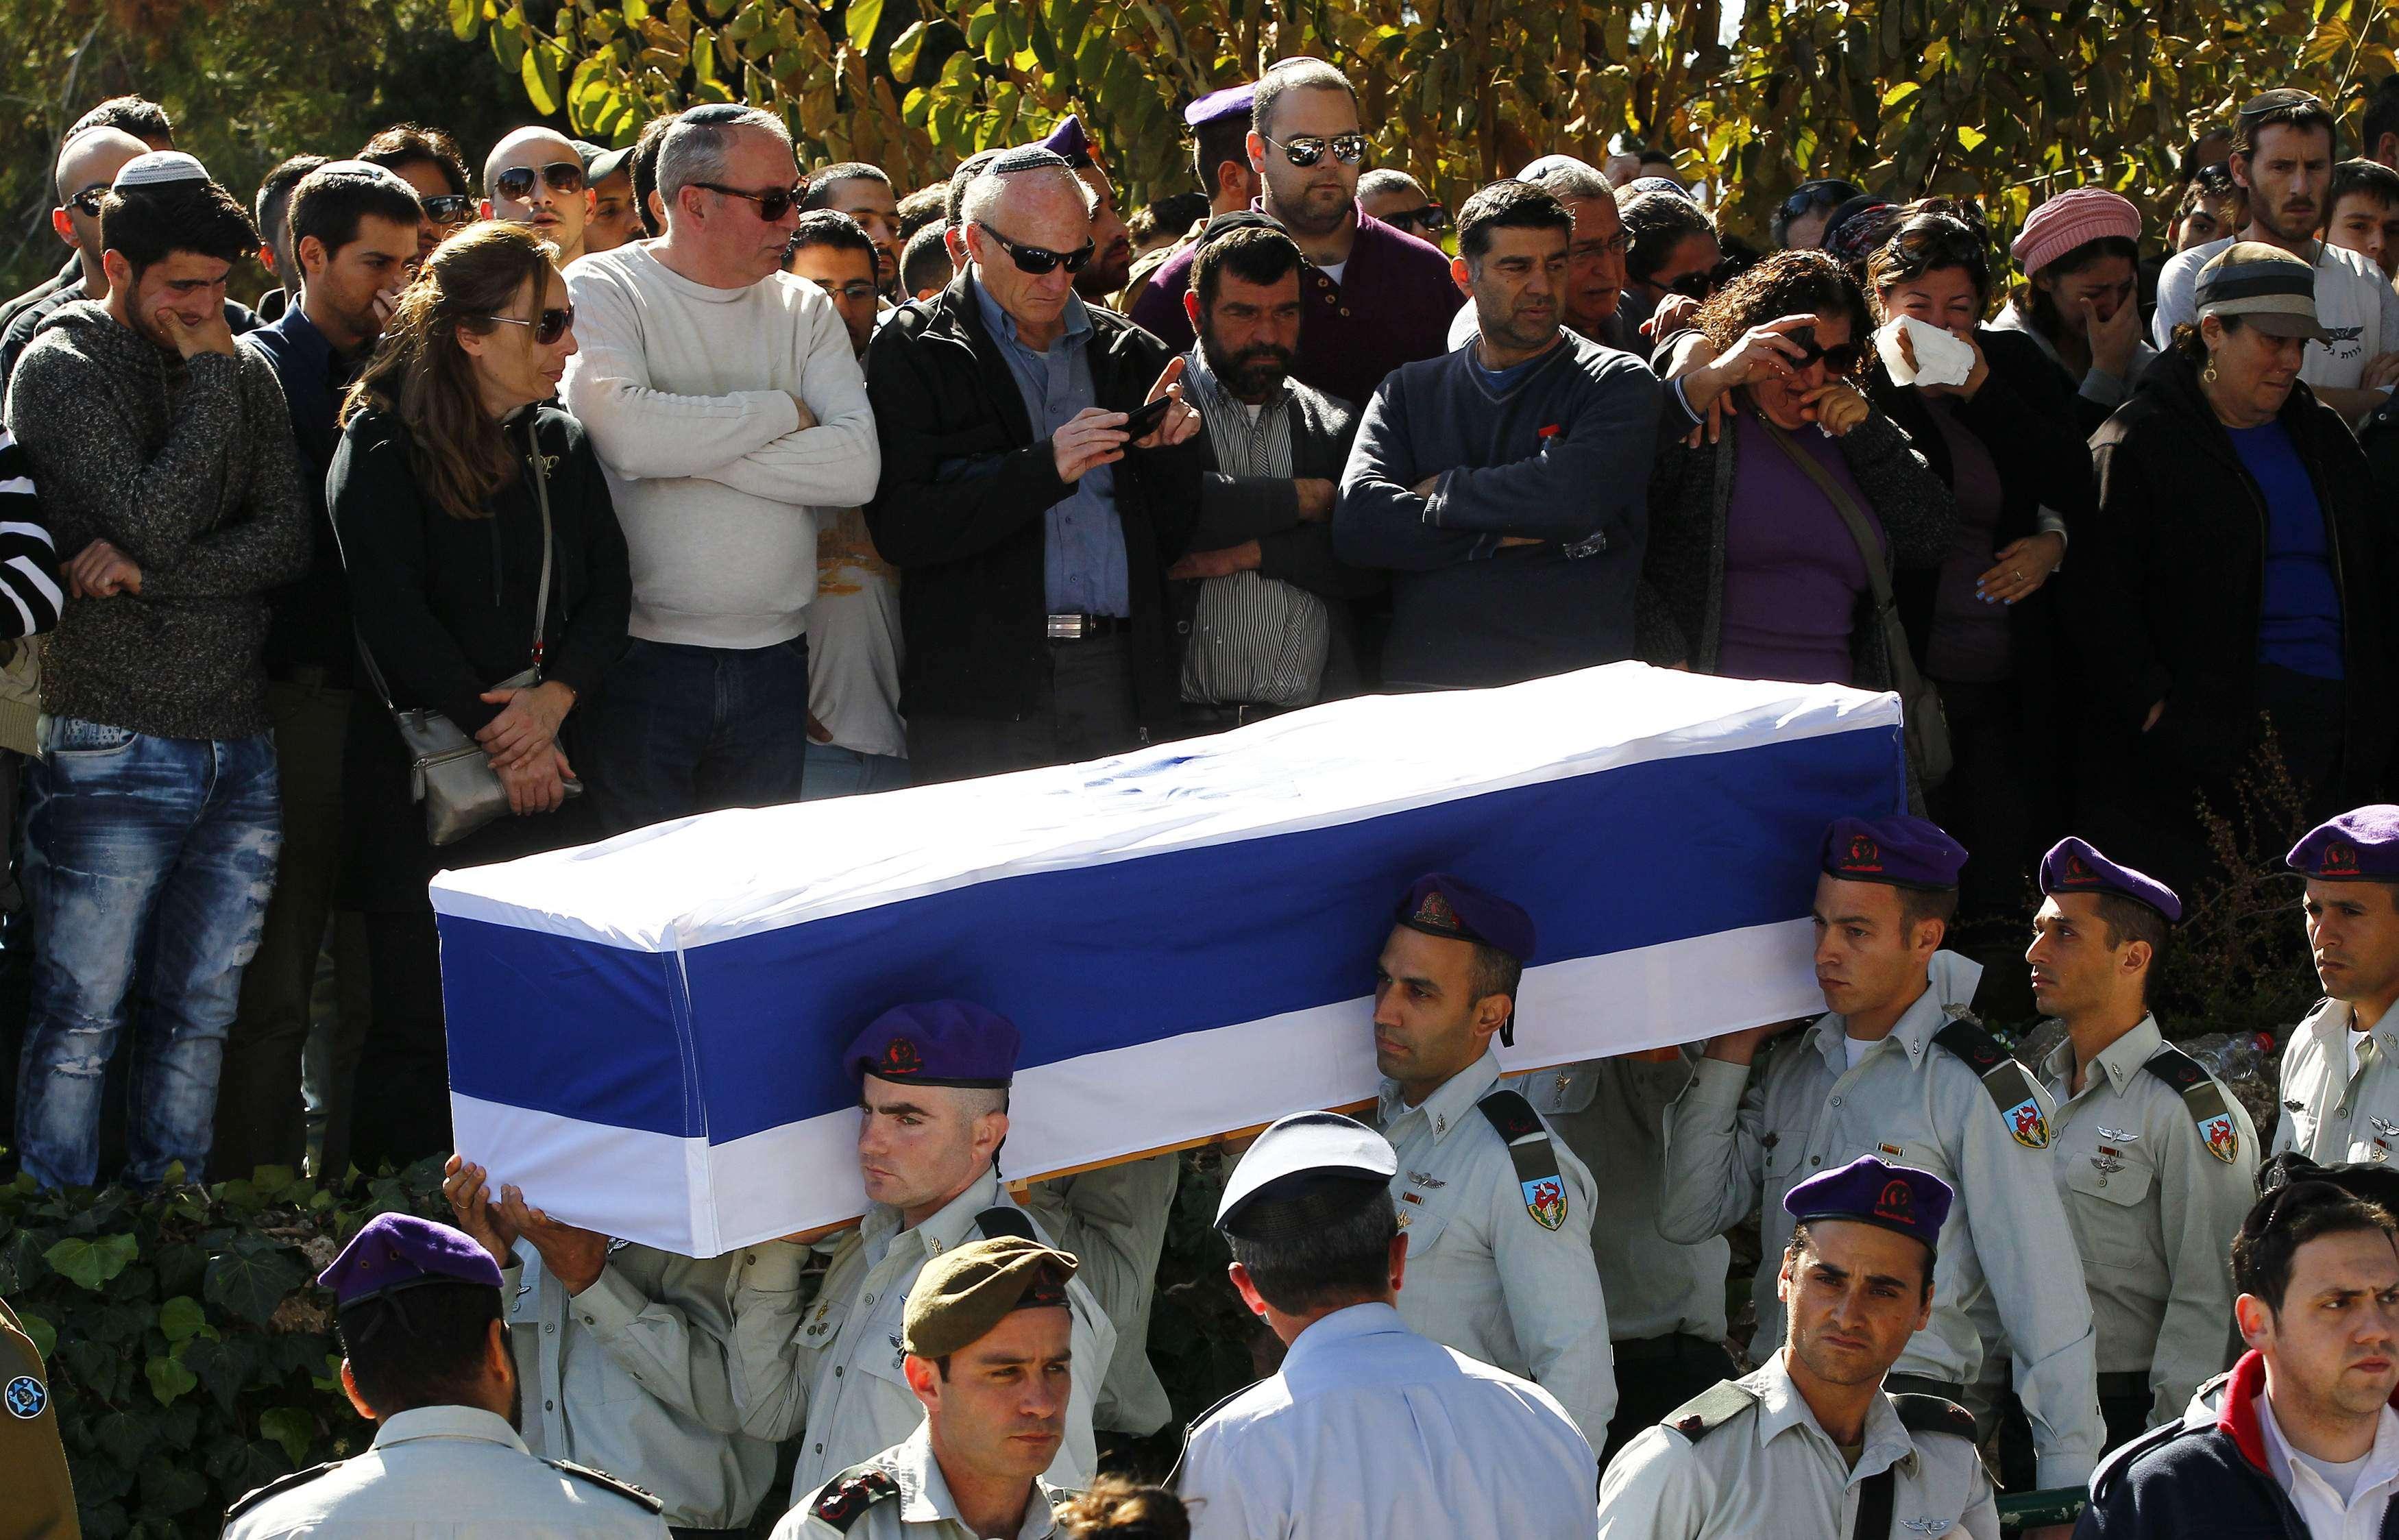 Soldados mortos pelo Hezbollah foram enterrados em Israel Foto: Ronen Zvulun/Reuters